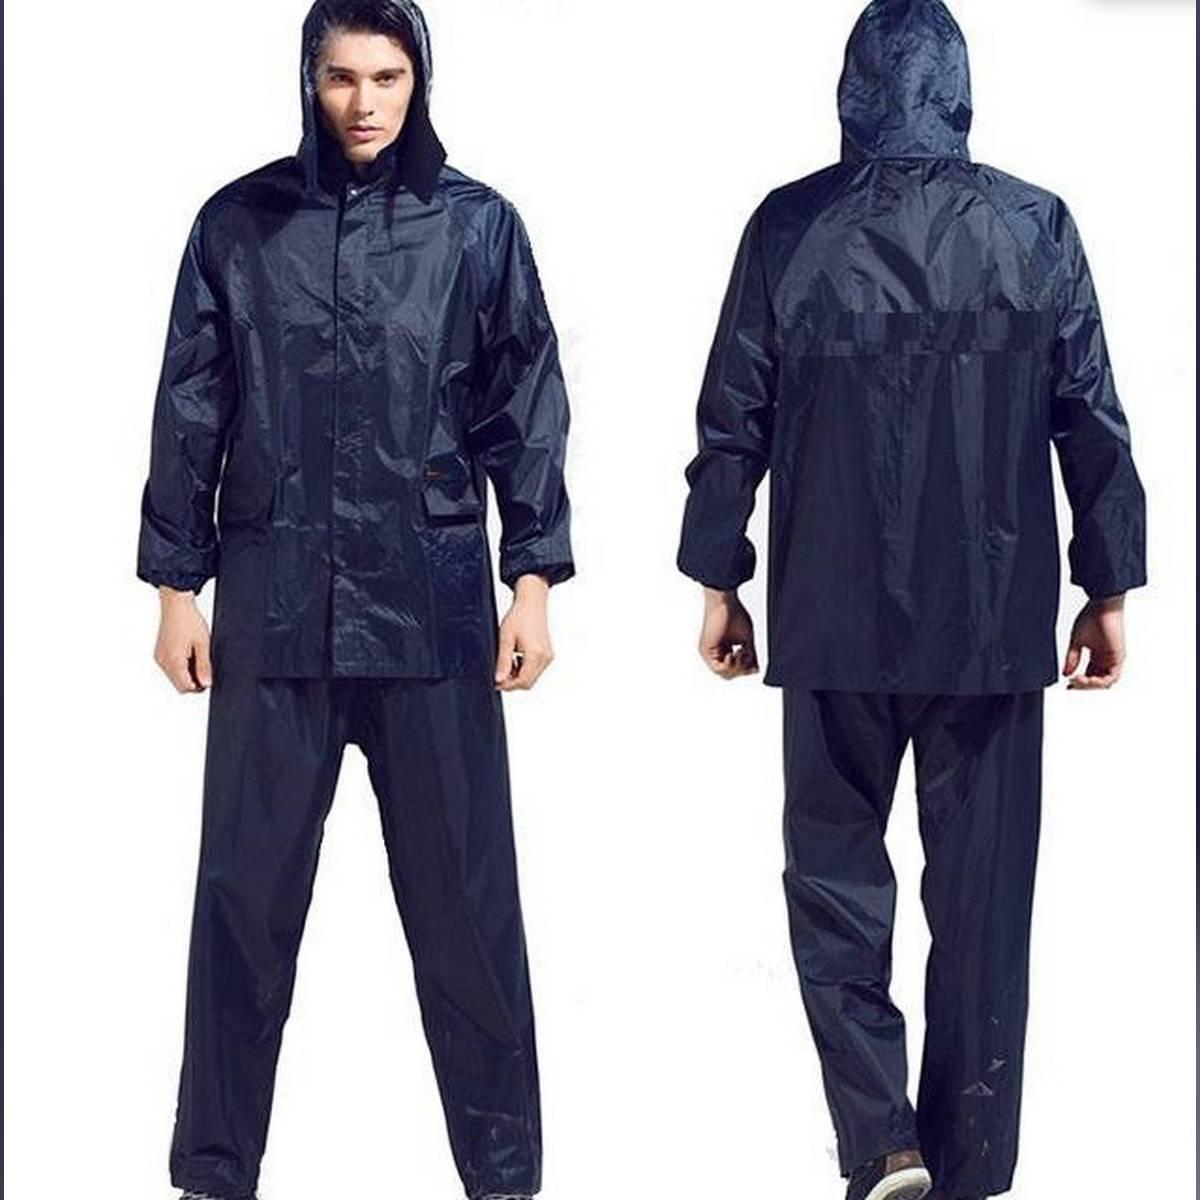 Impermeable Raincoat Women/Men Jacket Pants Set Rain Poncho Thick Rain Gear Motorcycle Rainsuit Plain Unisex Rain Coat & Paint - Green